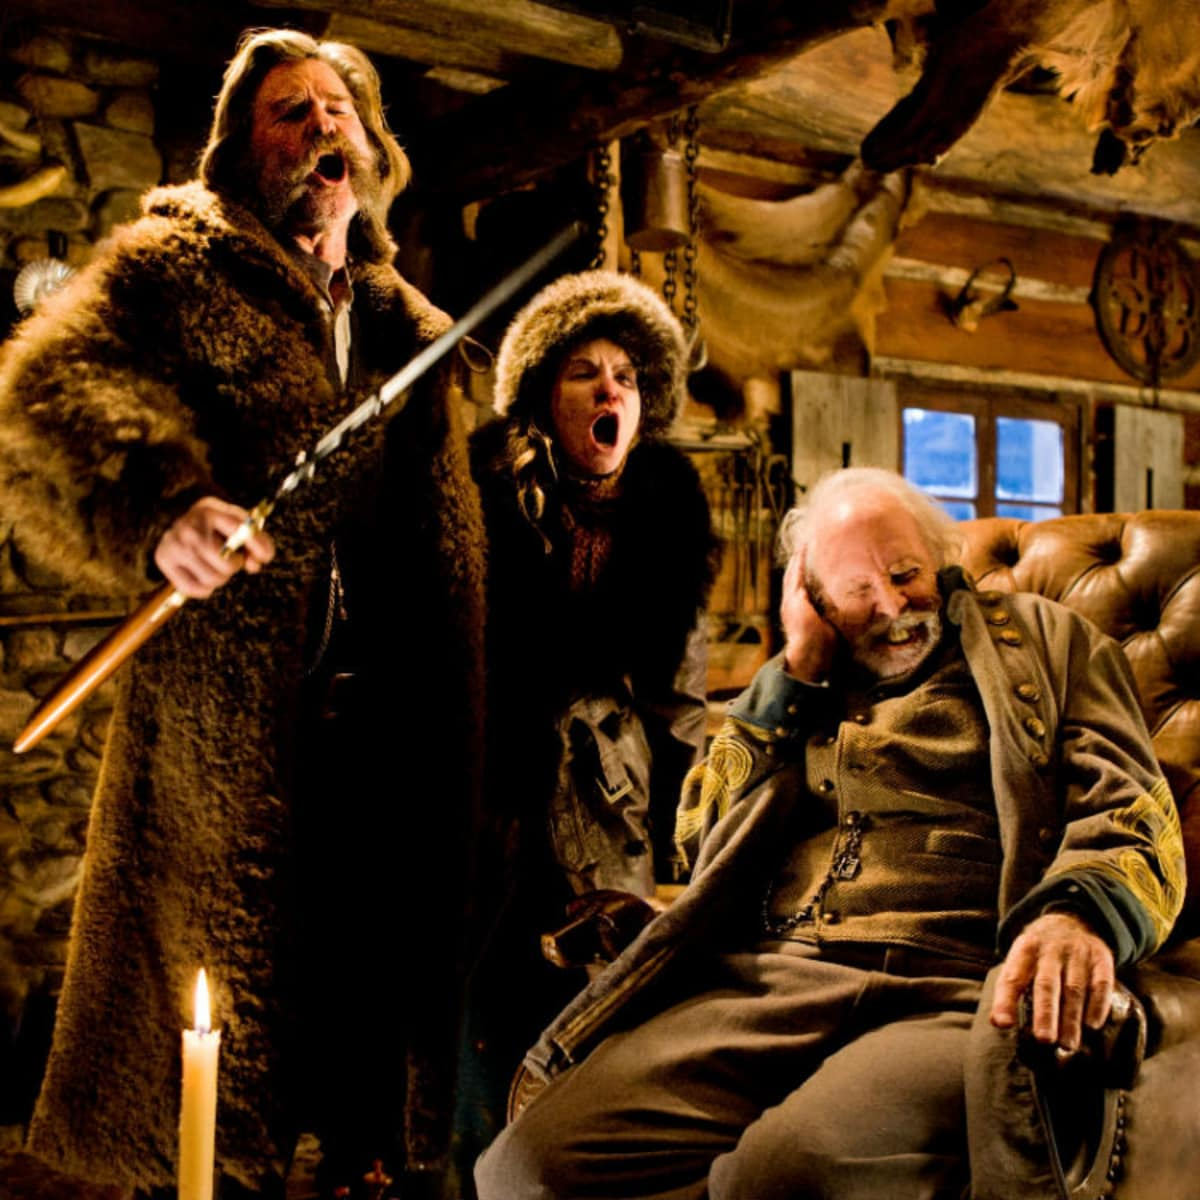 Kurt Russell, Jennifer Jason Leigh, and Bruce Dern in The Hateful Eight